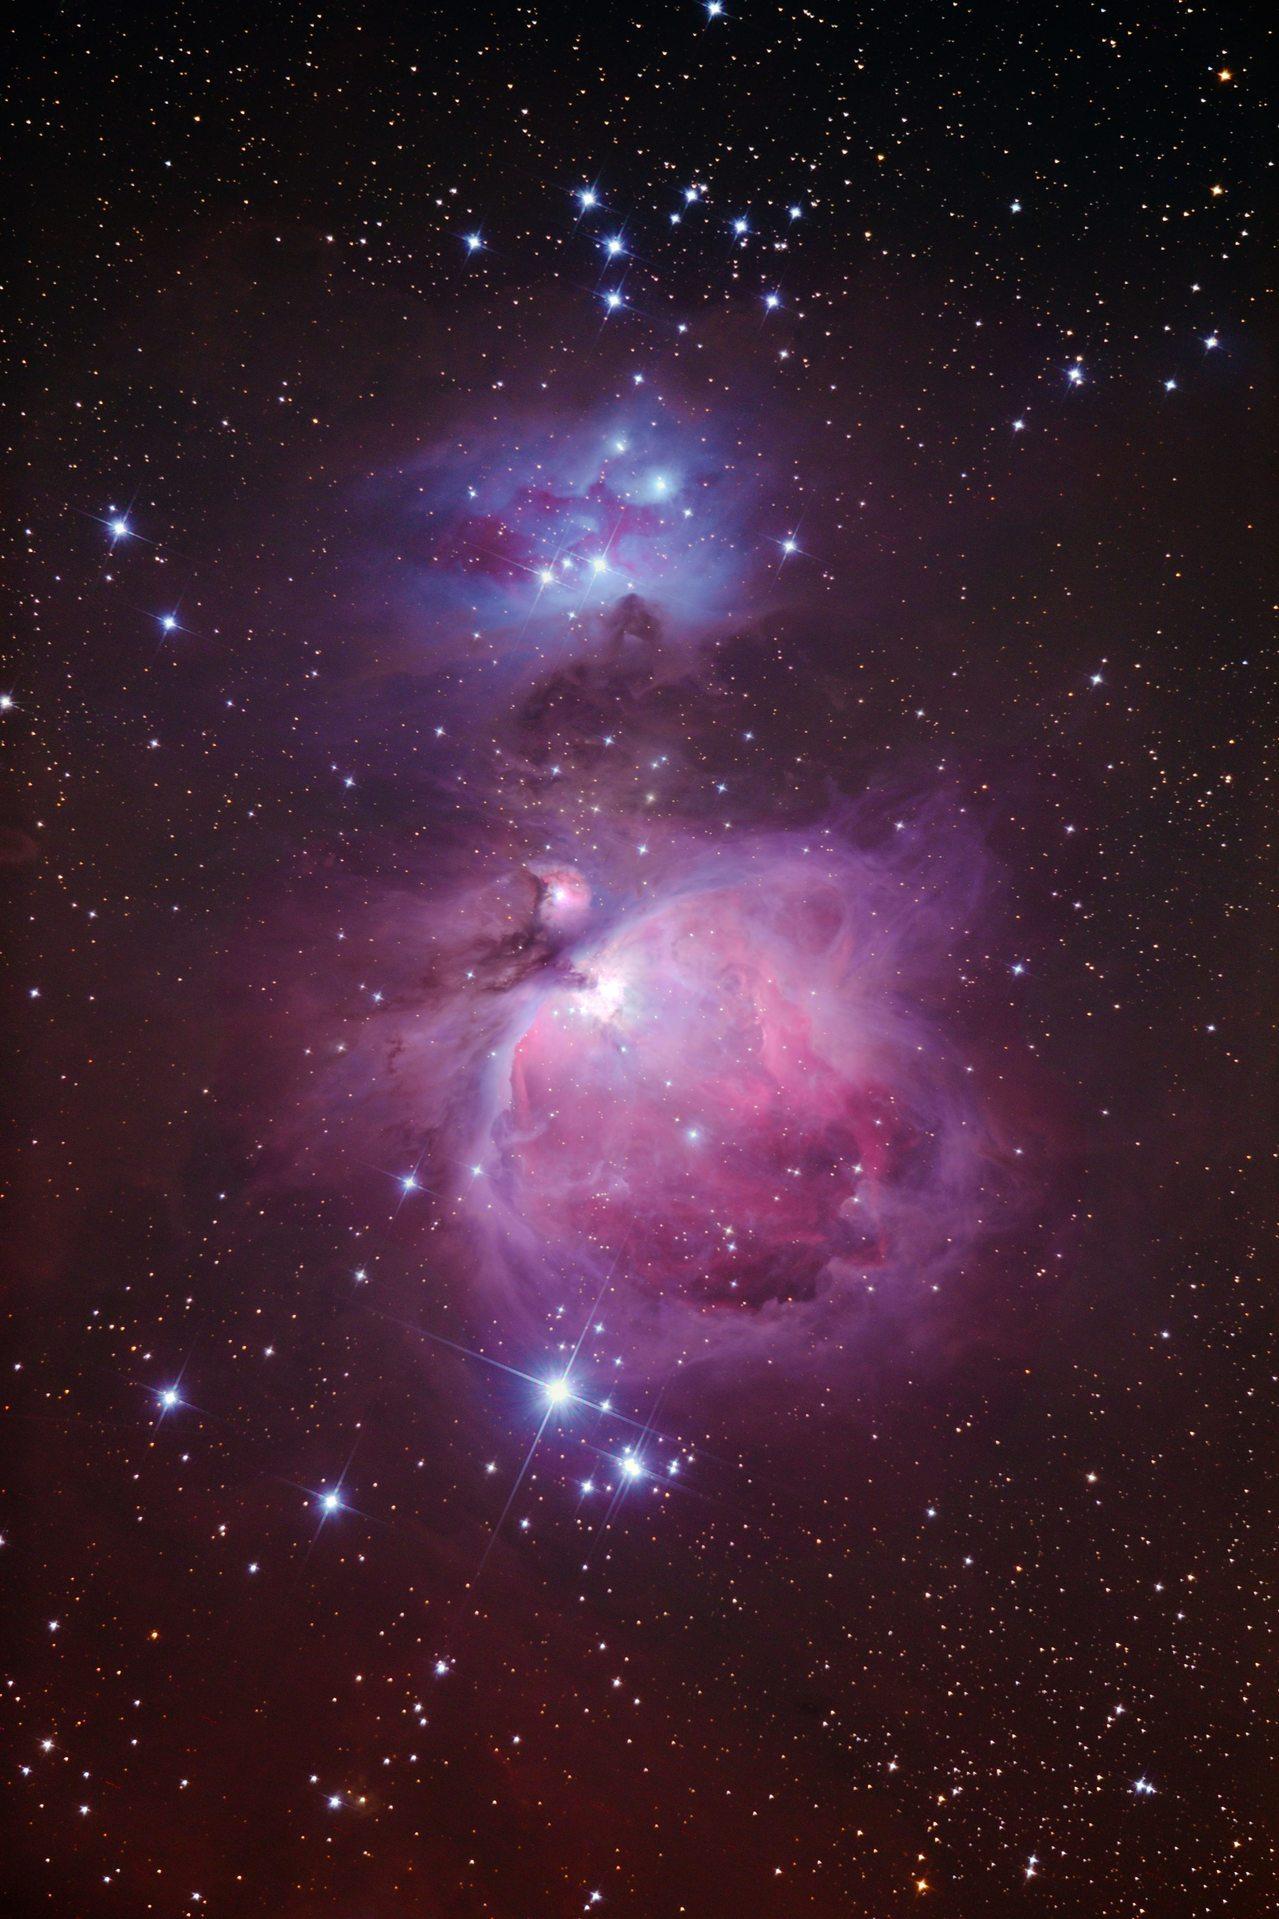 梅西爾目錄裡的M42火鳥星雲是屬於冬季星空裡較容易用肉眼就可以看見的梅西爾天體。...